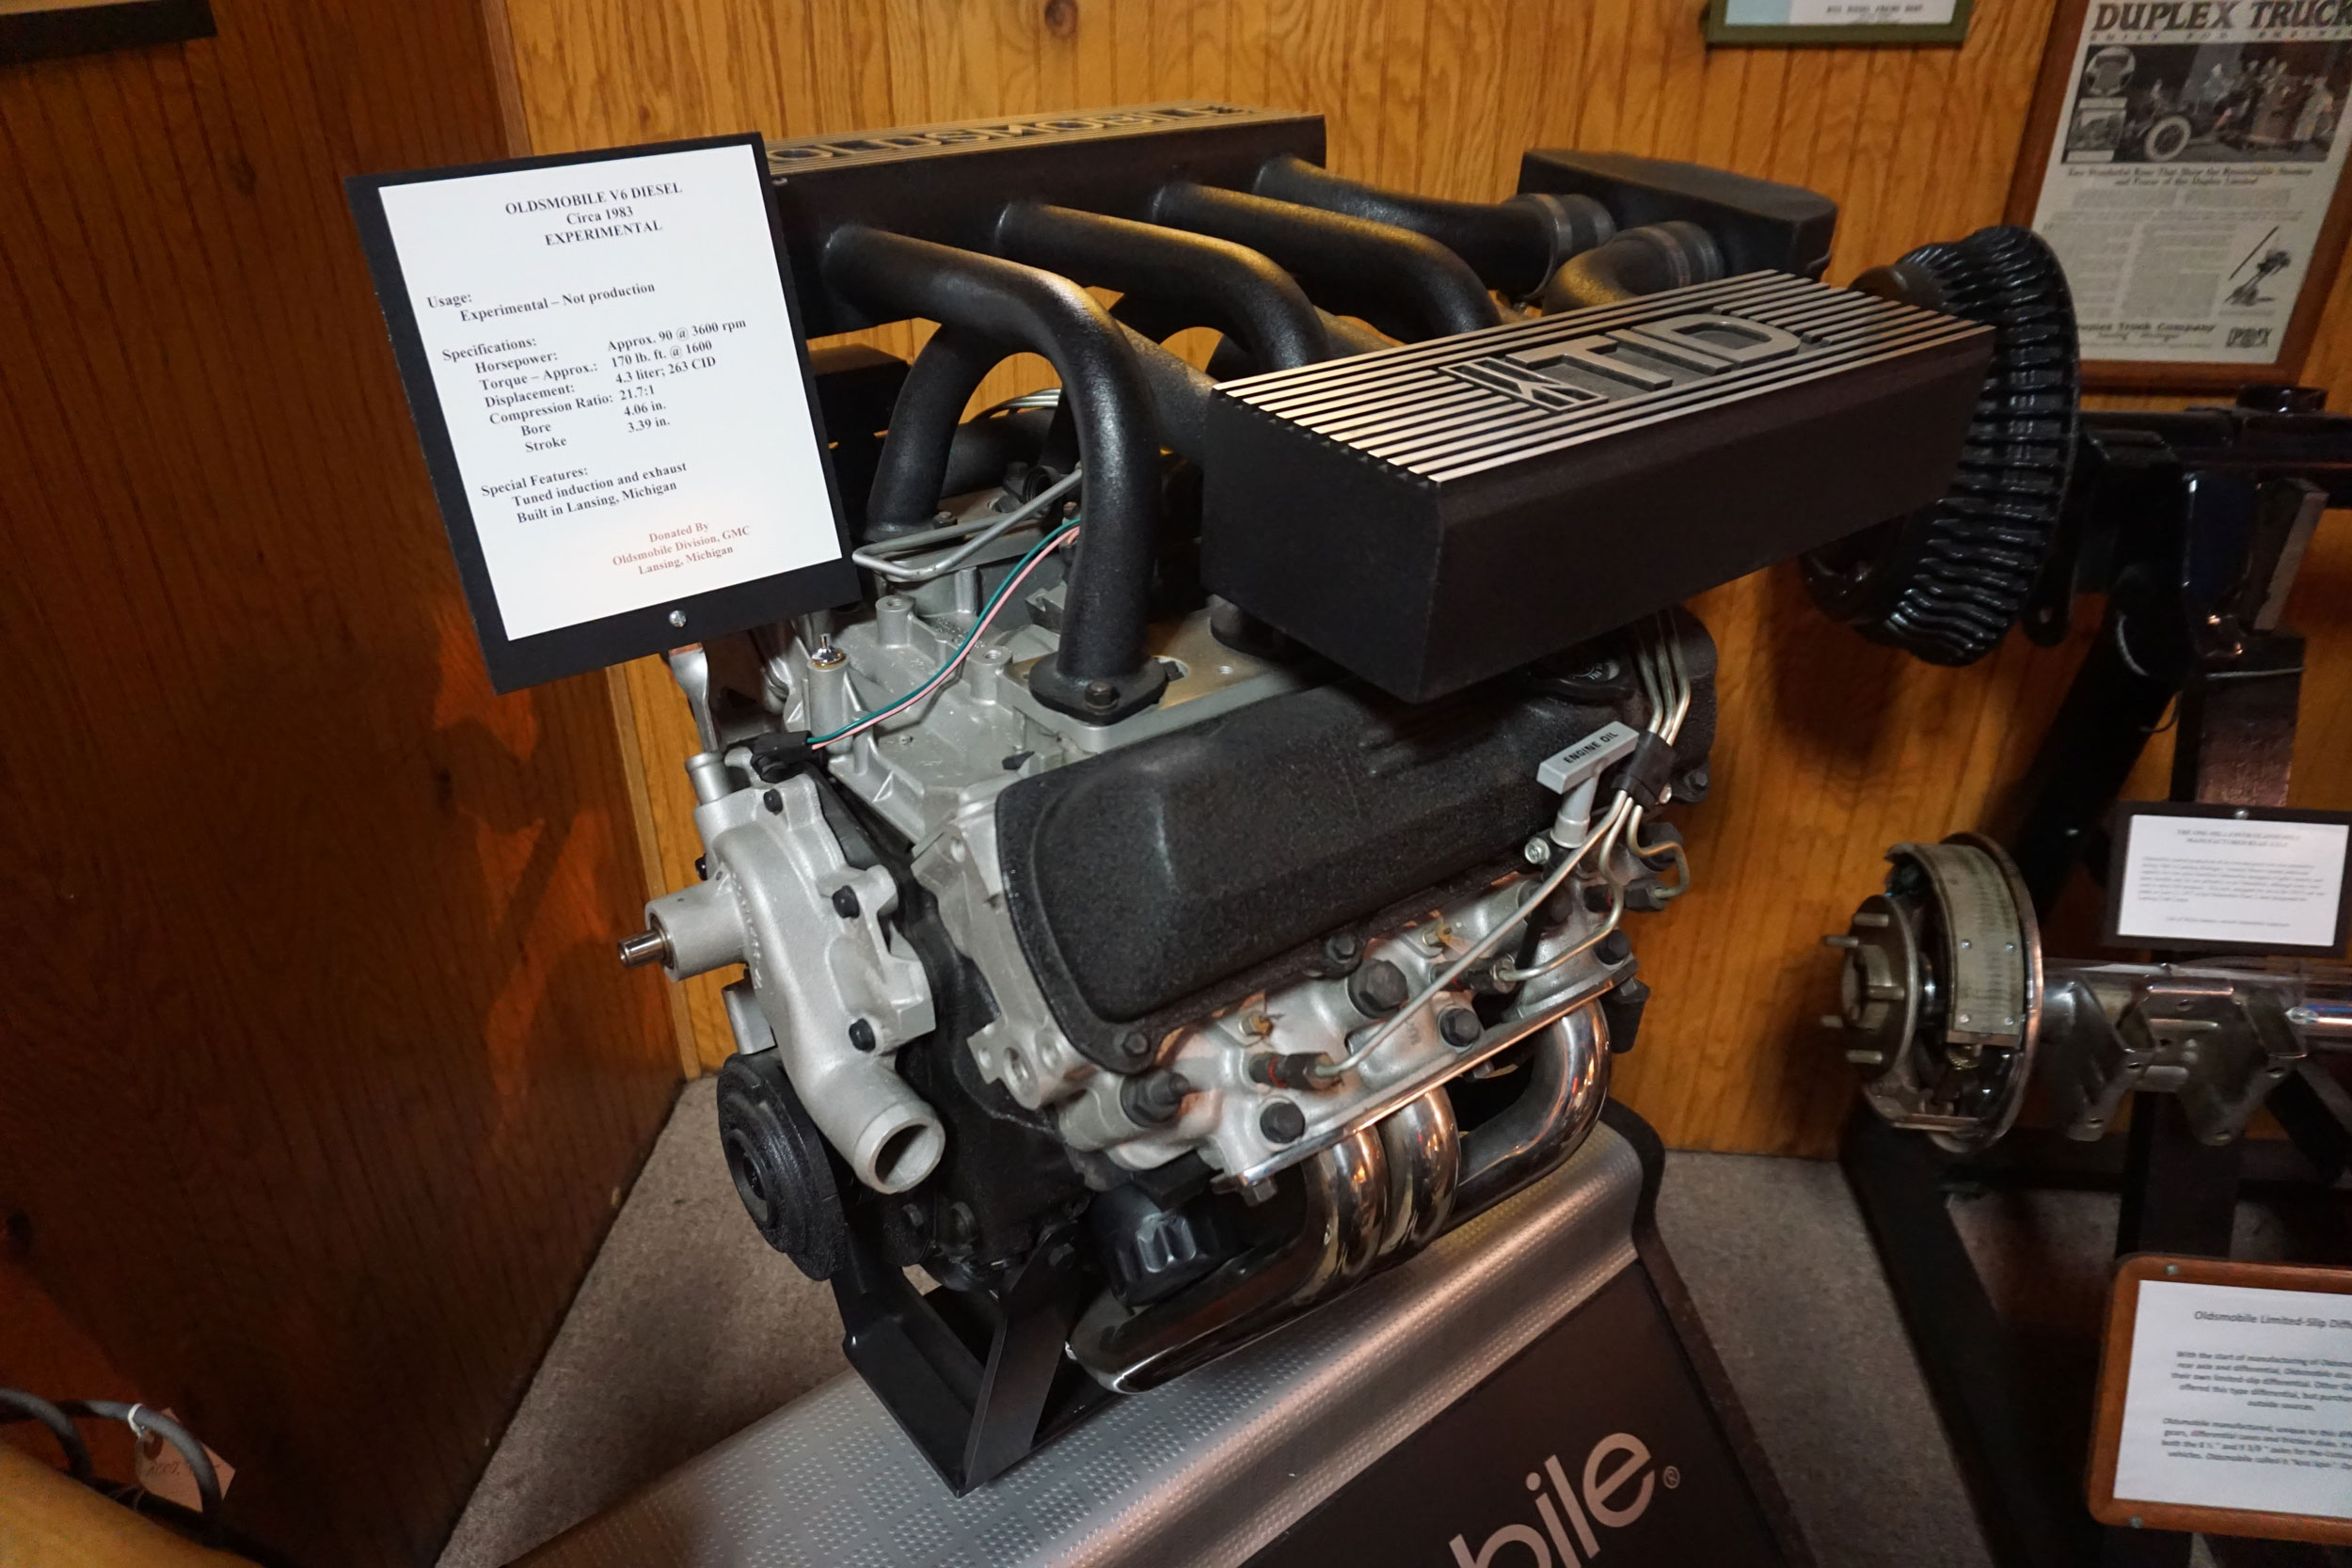 1983 Oldsmobile V-6 experimental diesel engine